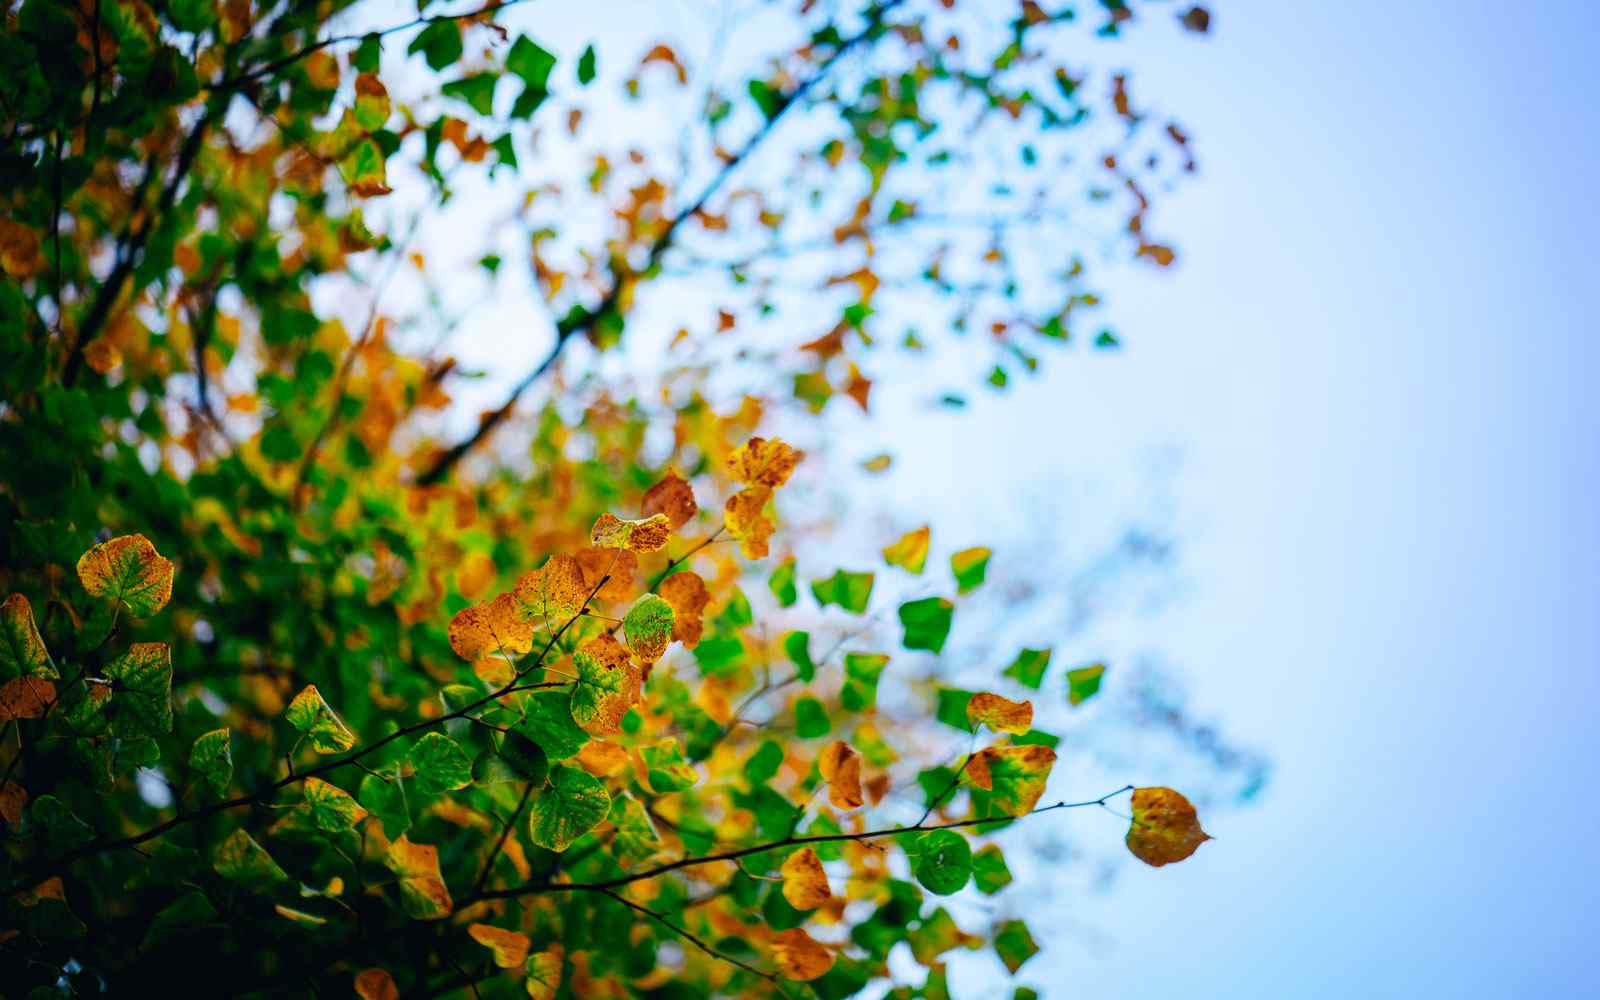 Tree on campus